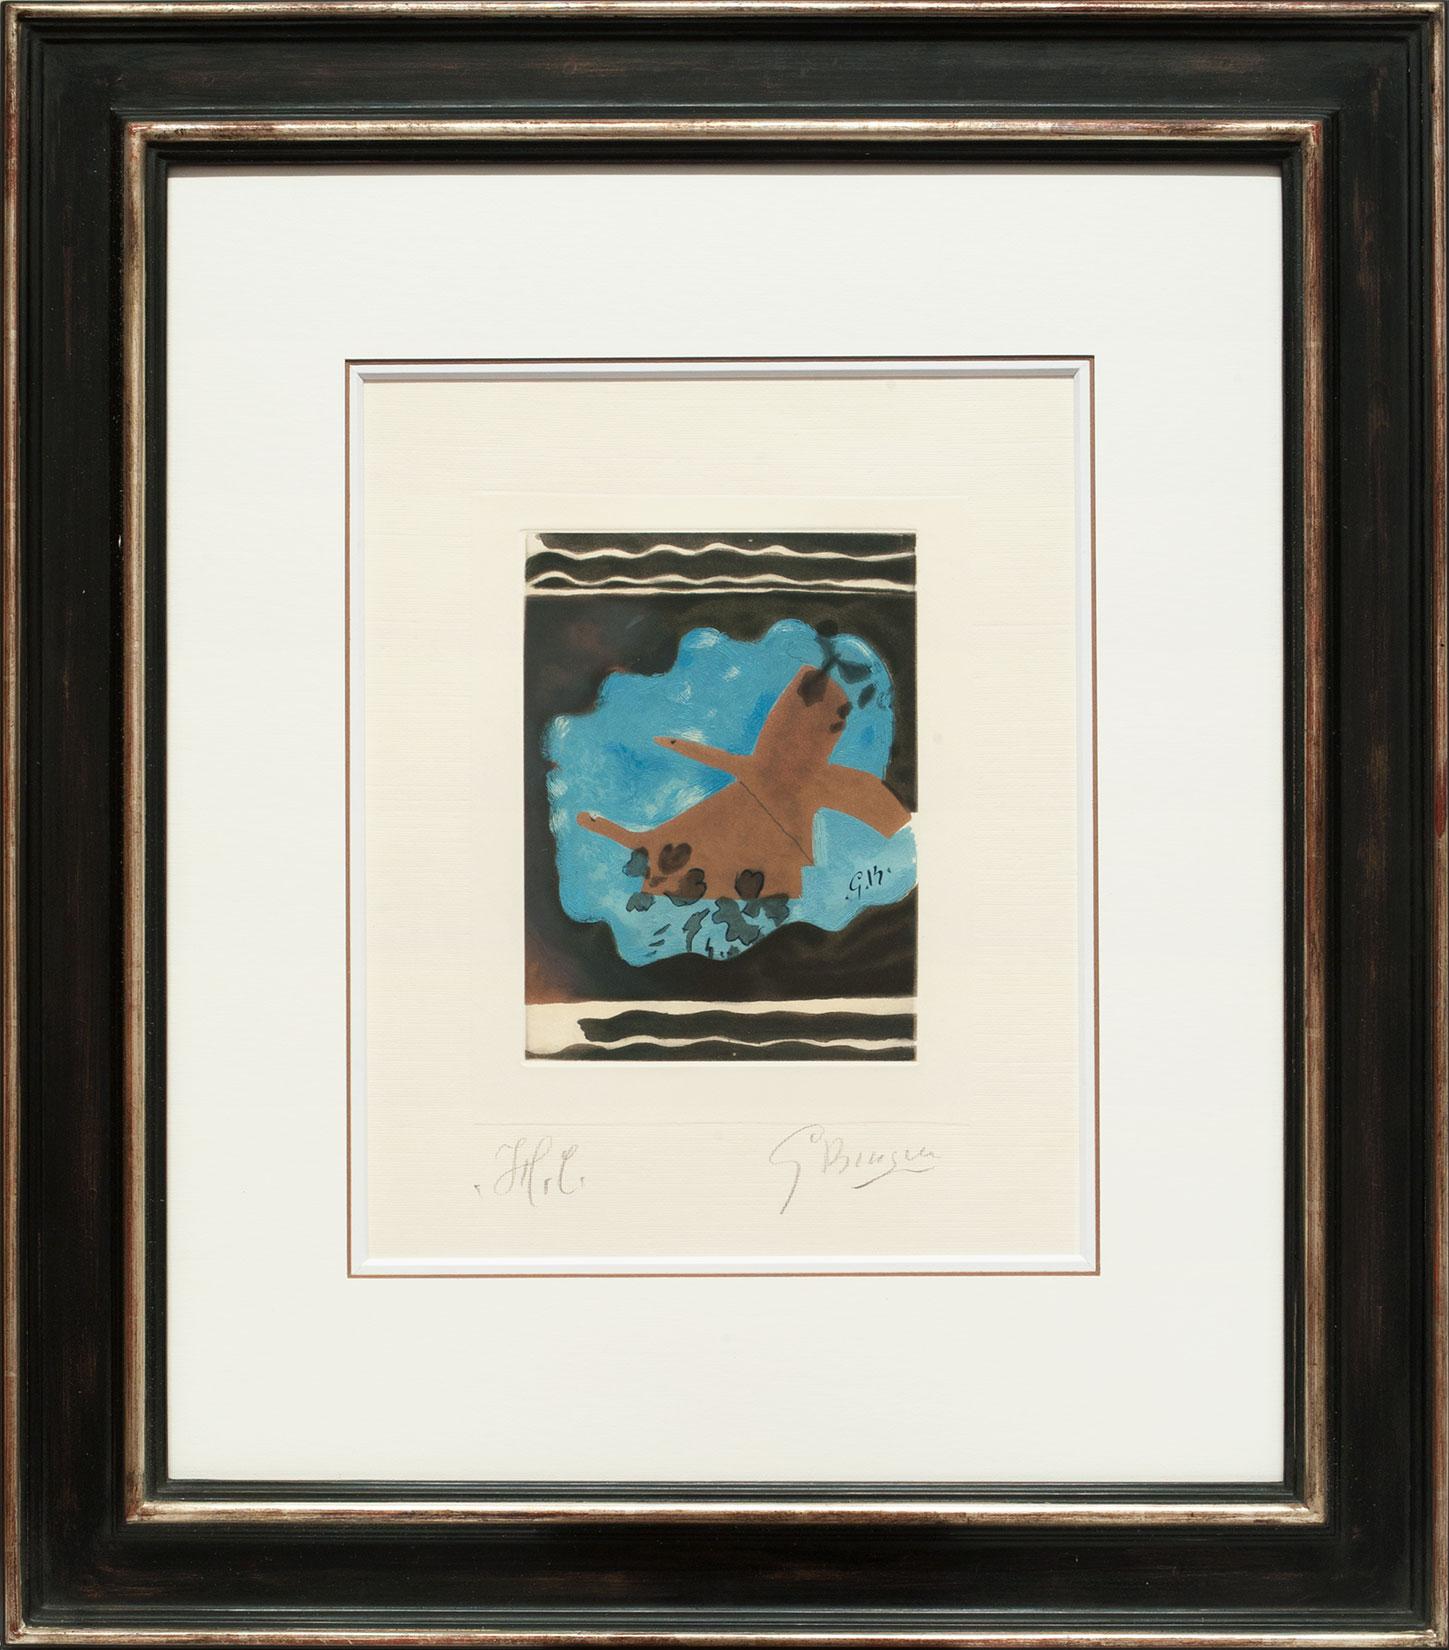 Georges Braque « Migration » Galerie Française